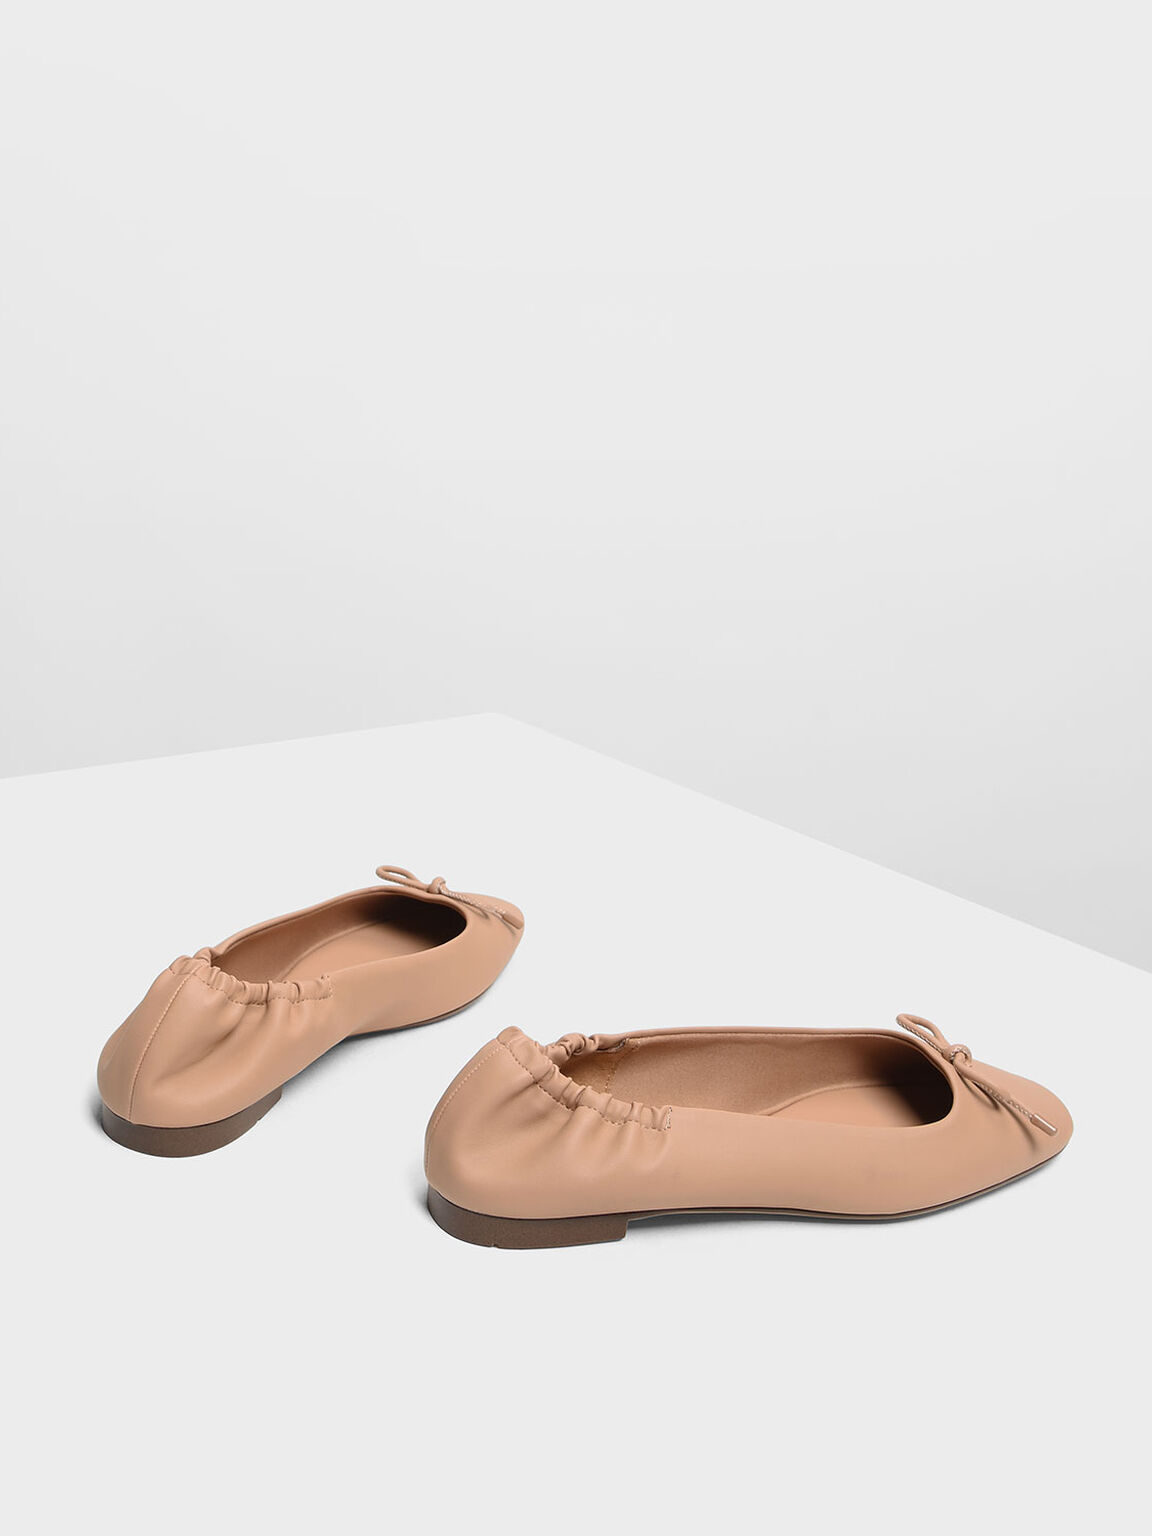 Bow Ballerina Flats, Nude, hi-res